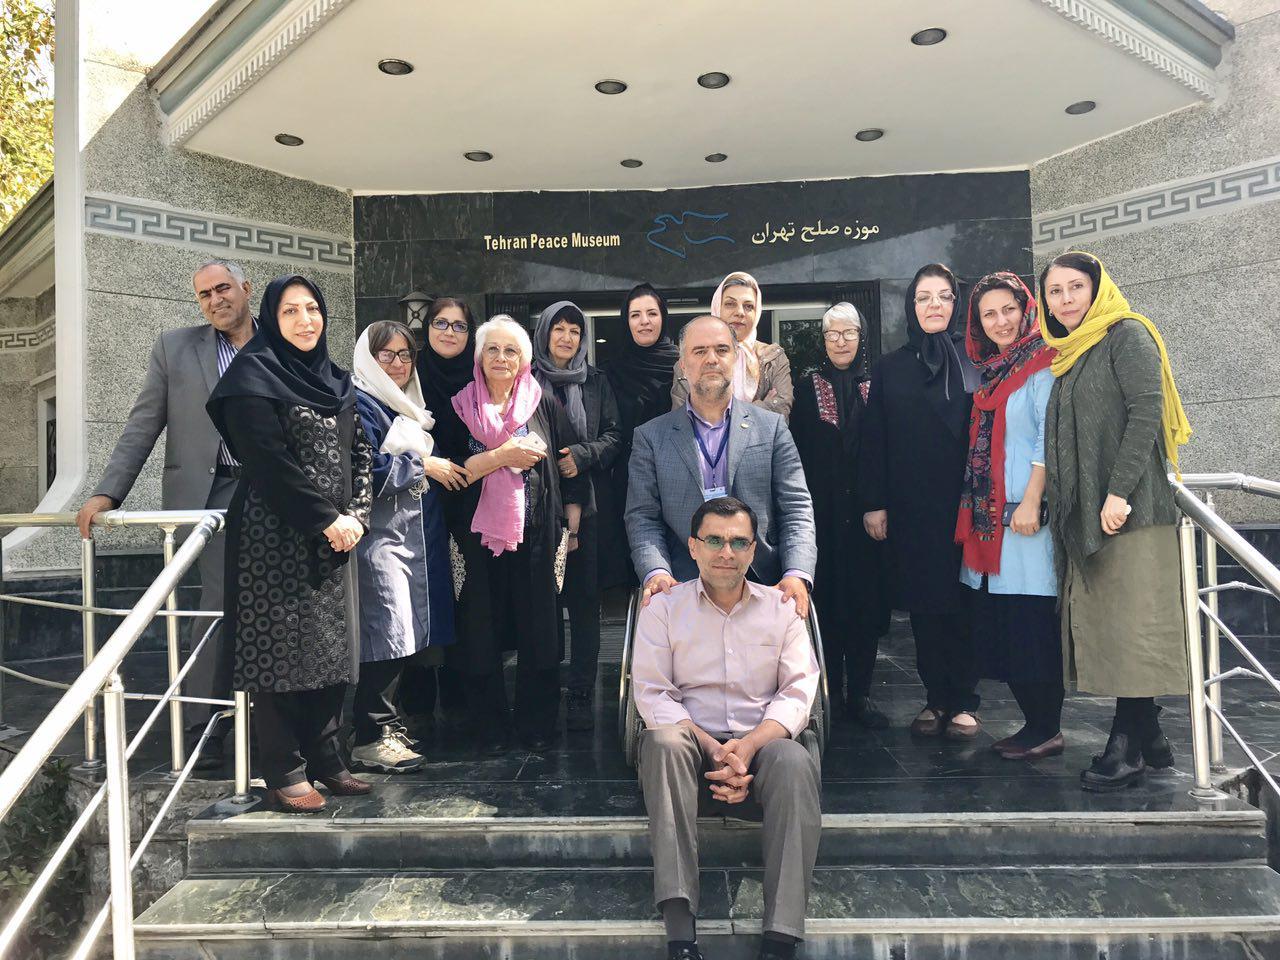 نشست شورای گسترش فرهنگ صلح